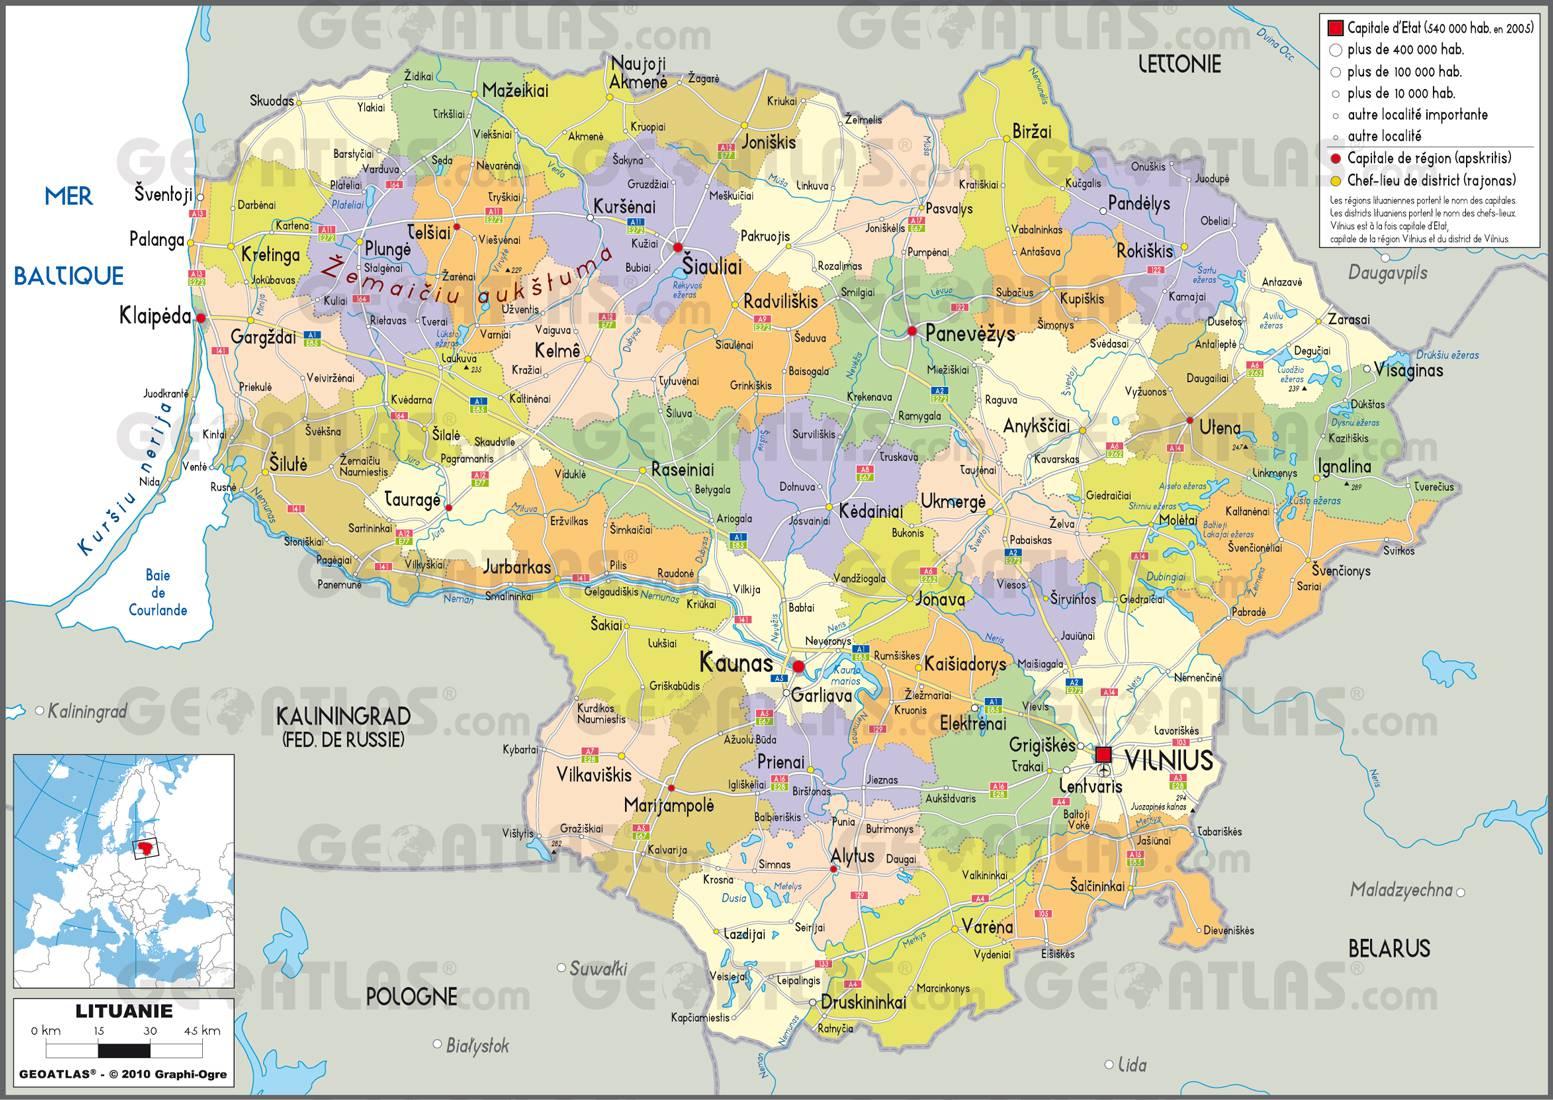 Carte des régions de la Lituanie